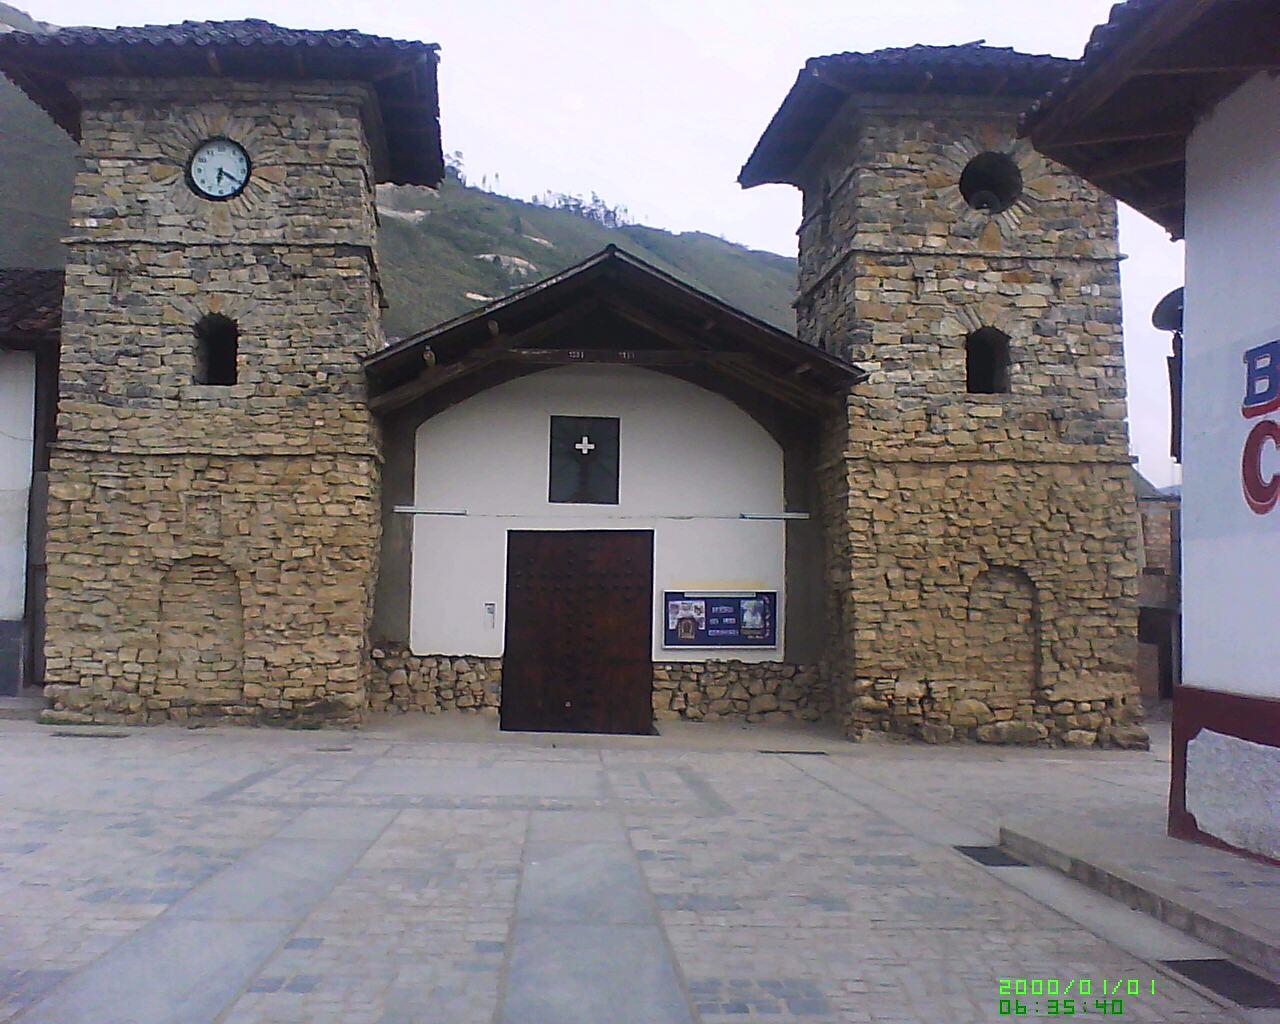 LEYMEBAMBA - CHACHAPOYAS - PERU